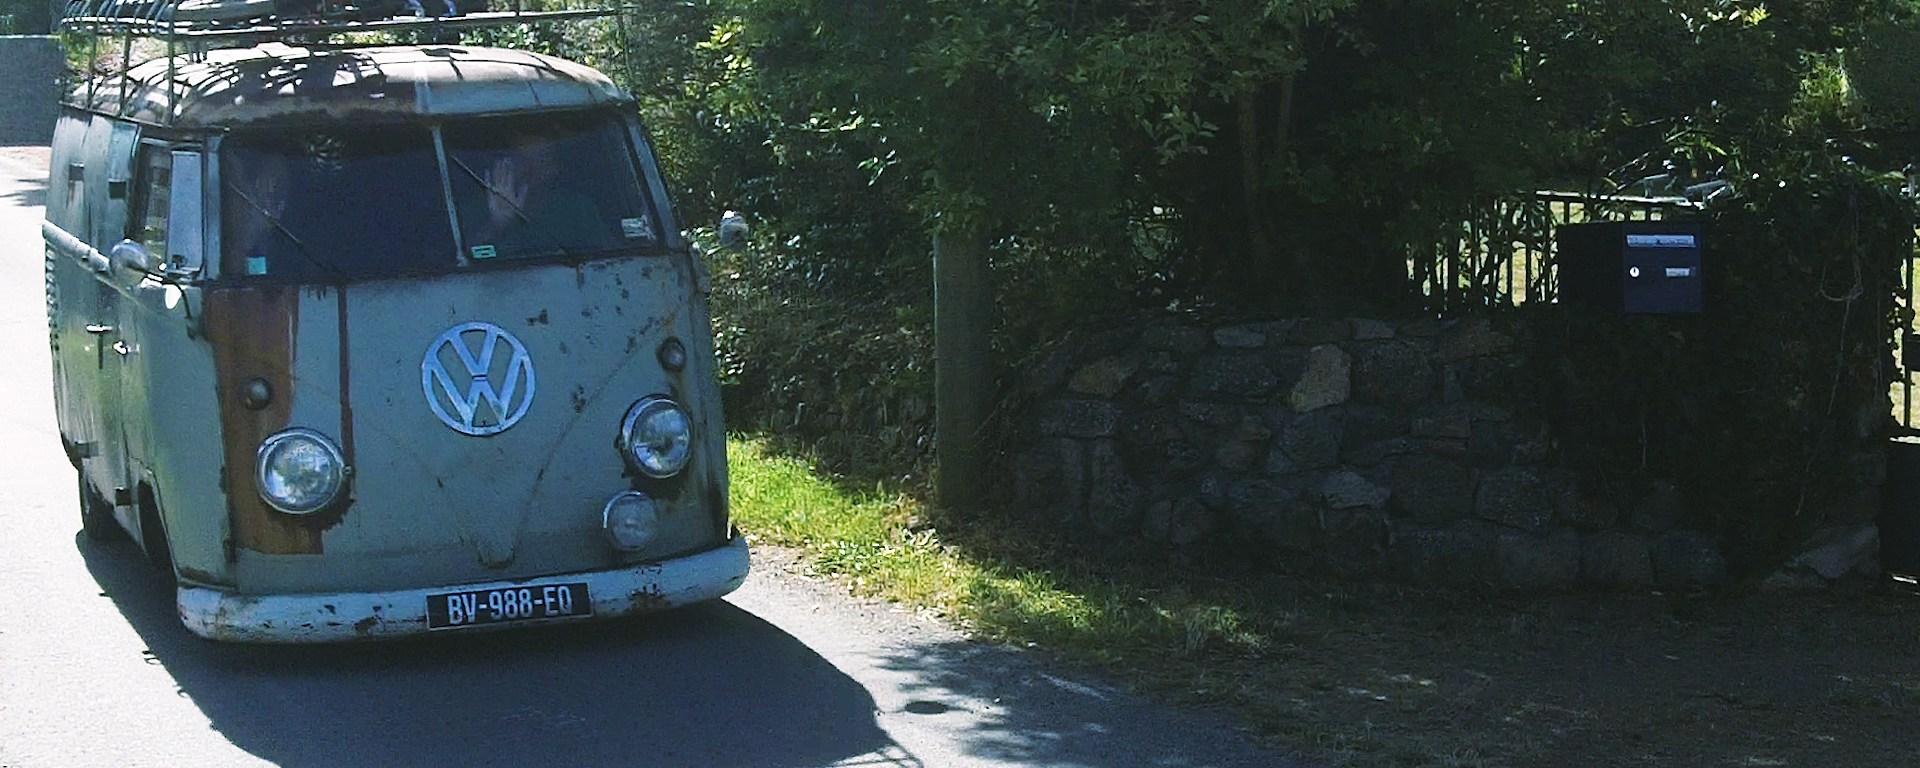 Vintage VW Bulli